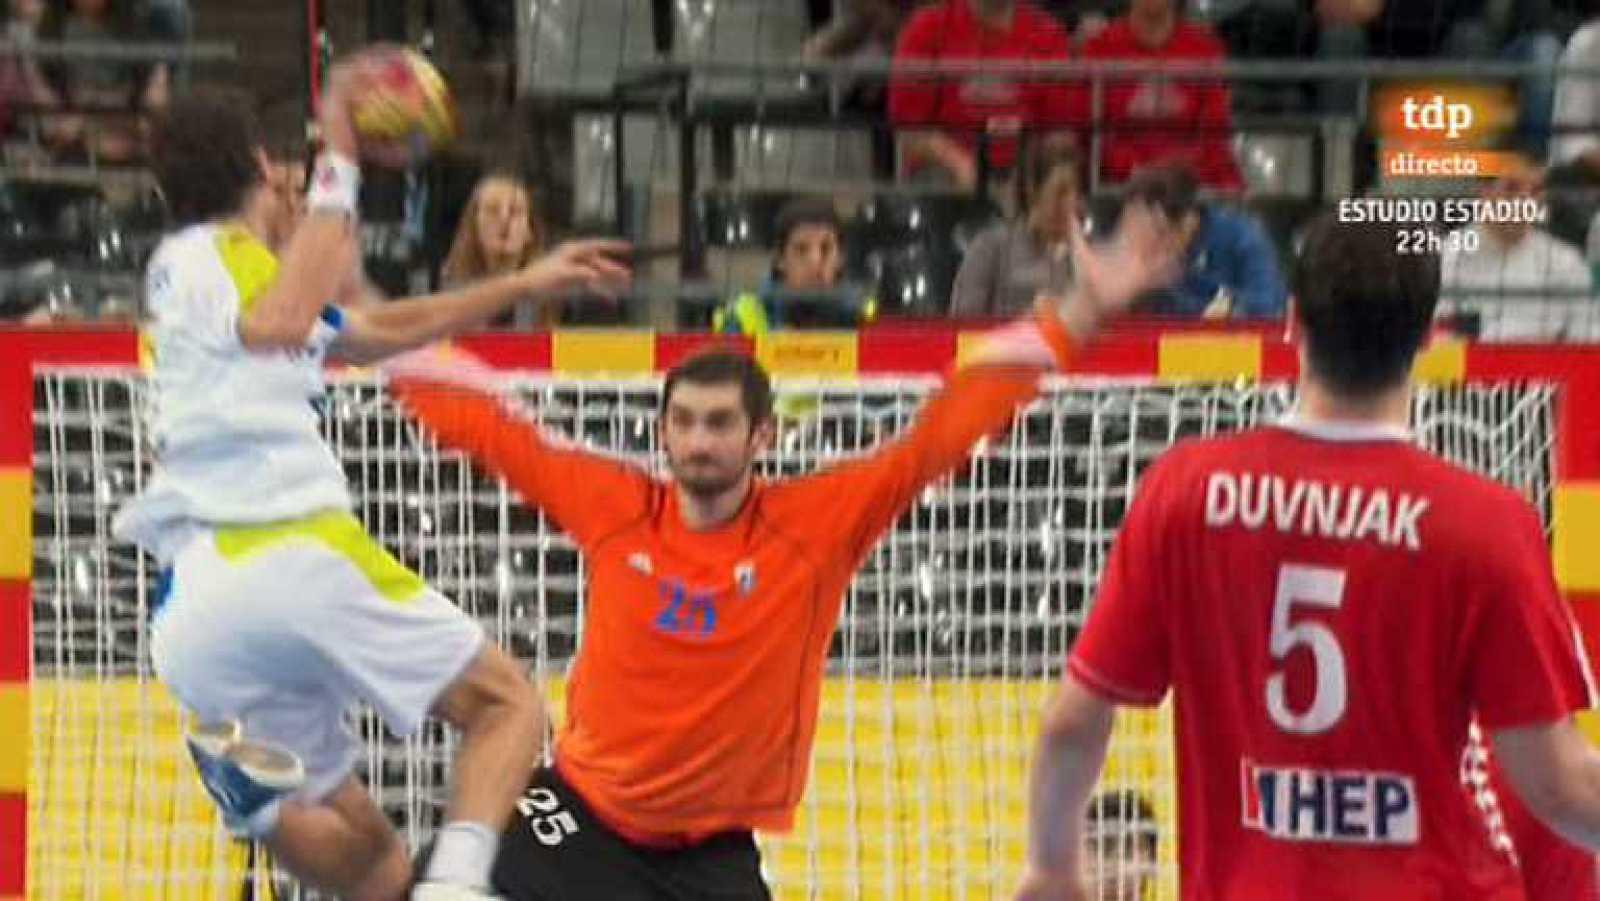 Mundial de Balonmano - Tercer y cuarto puesto: Croacia-Eslovenia - Ver ahora